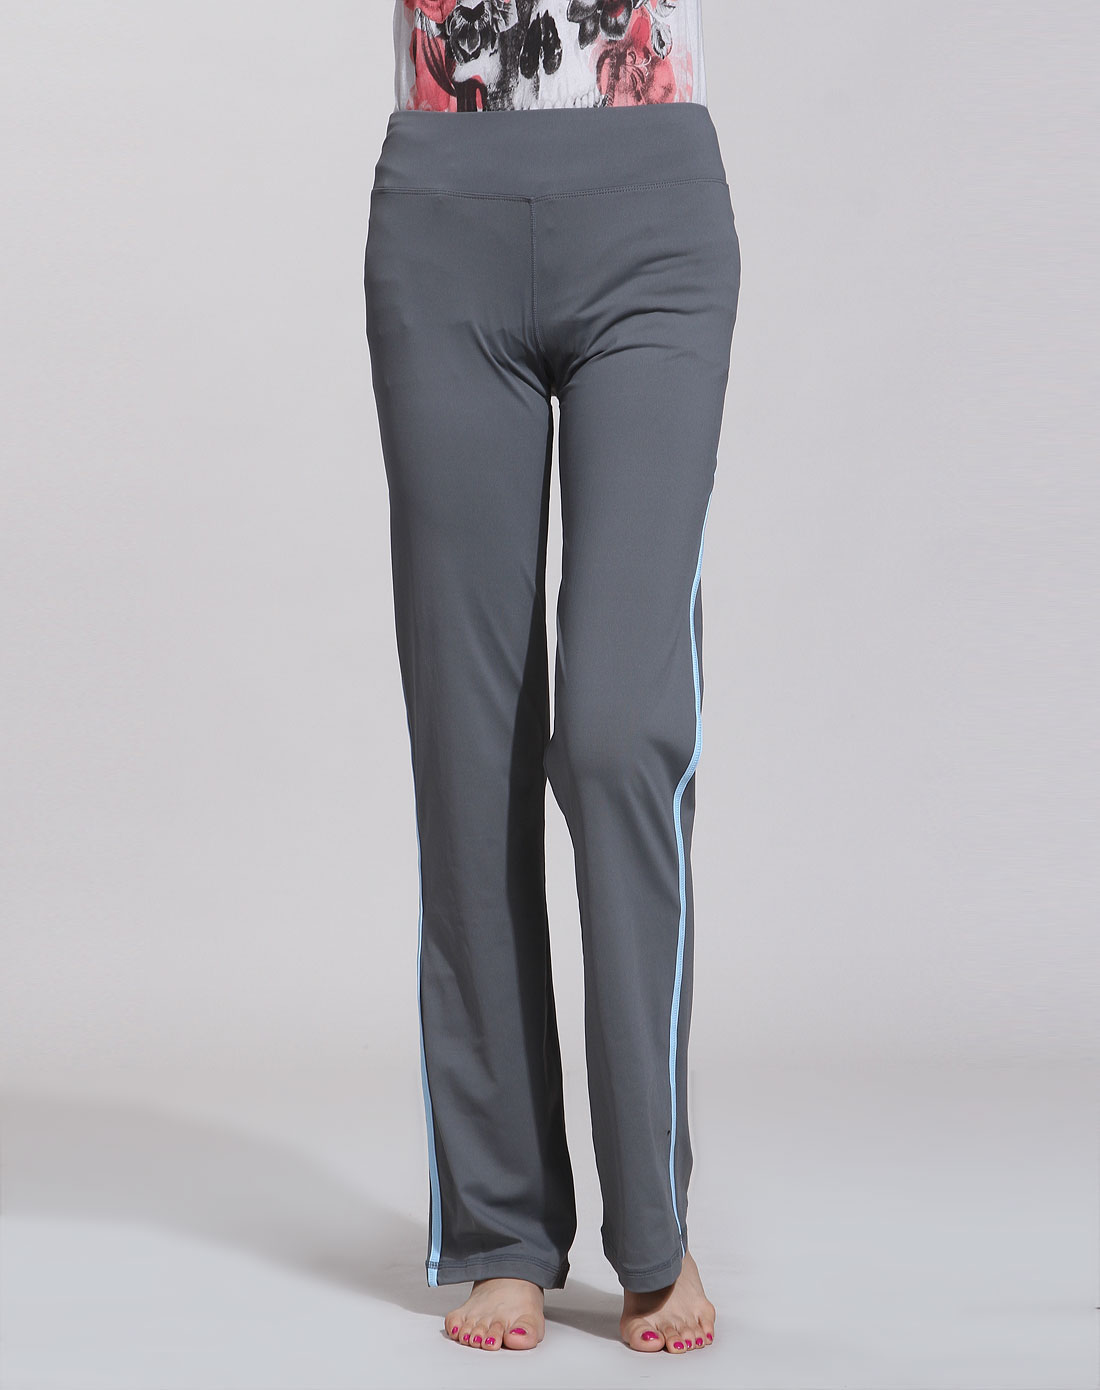 洲克瑜伽服专场女款深灰/天兰色瑜伽运动针织长裤-1